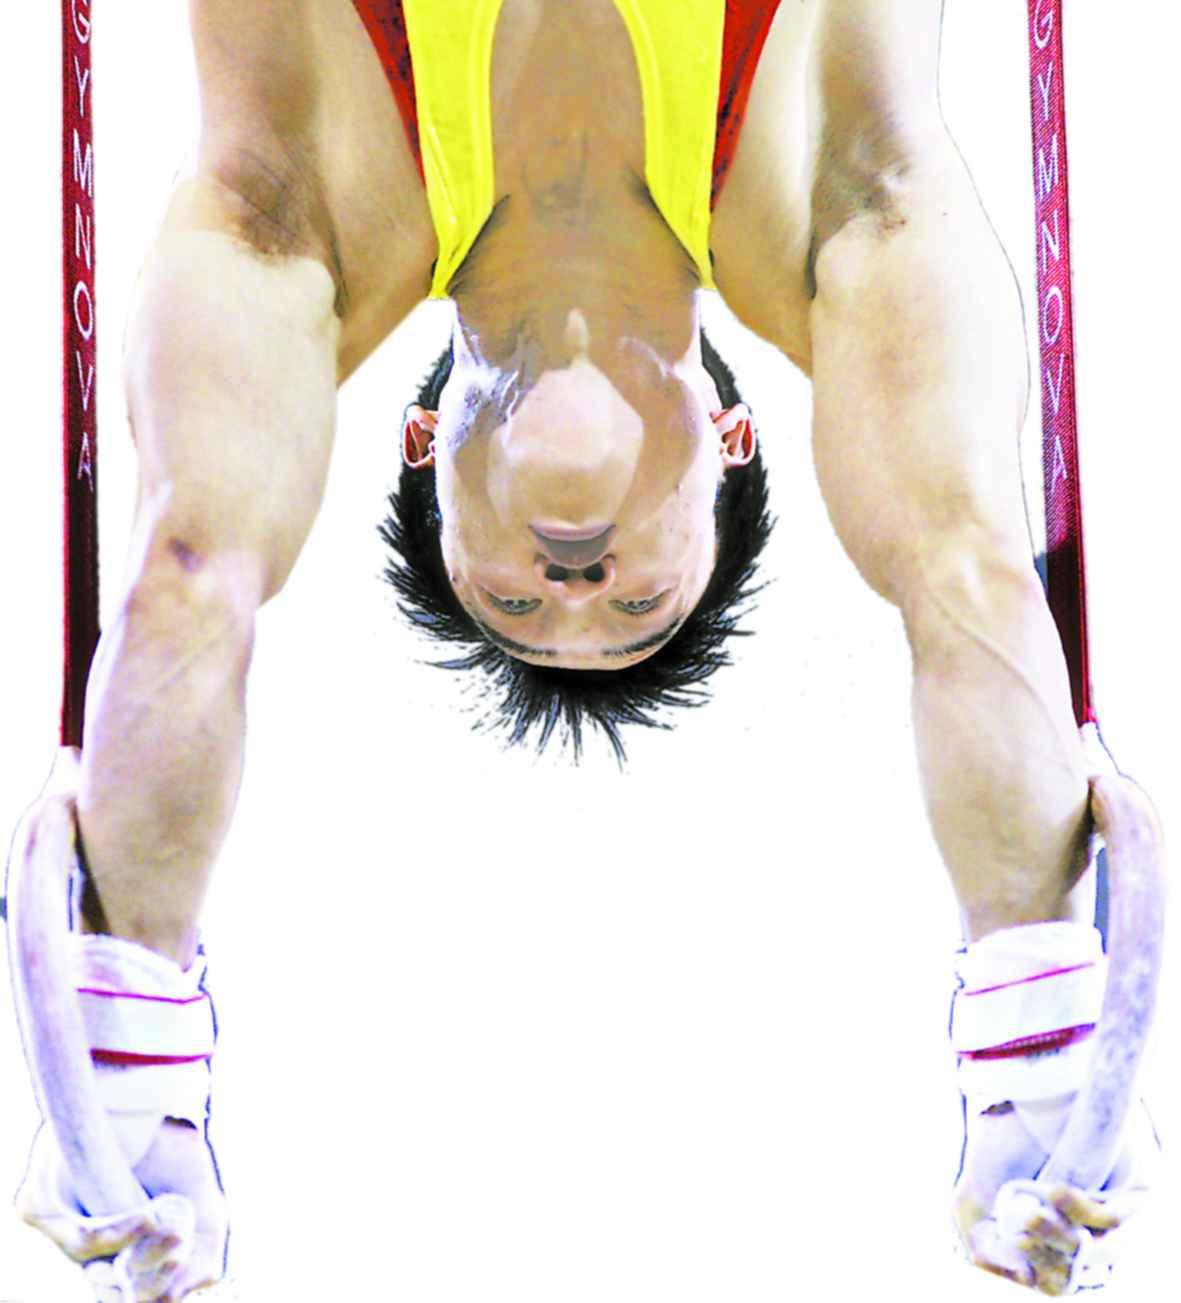 连续三天佳音频传丹麦奥胡斯已成中国体操队福地